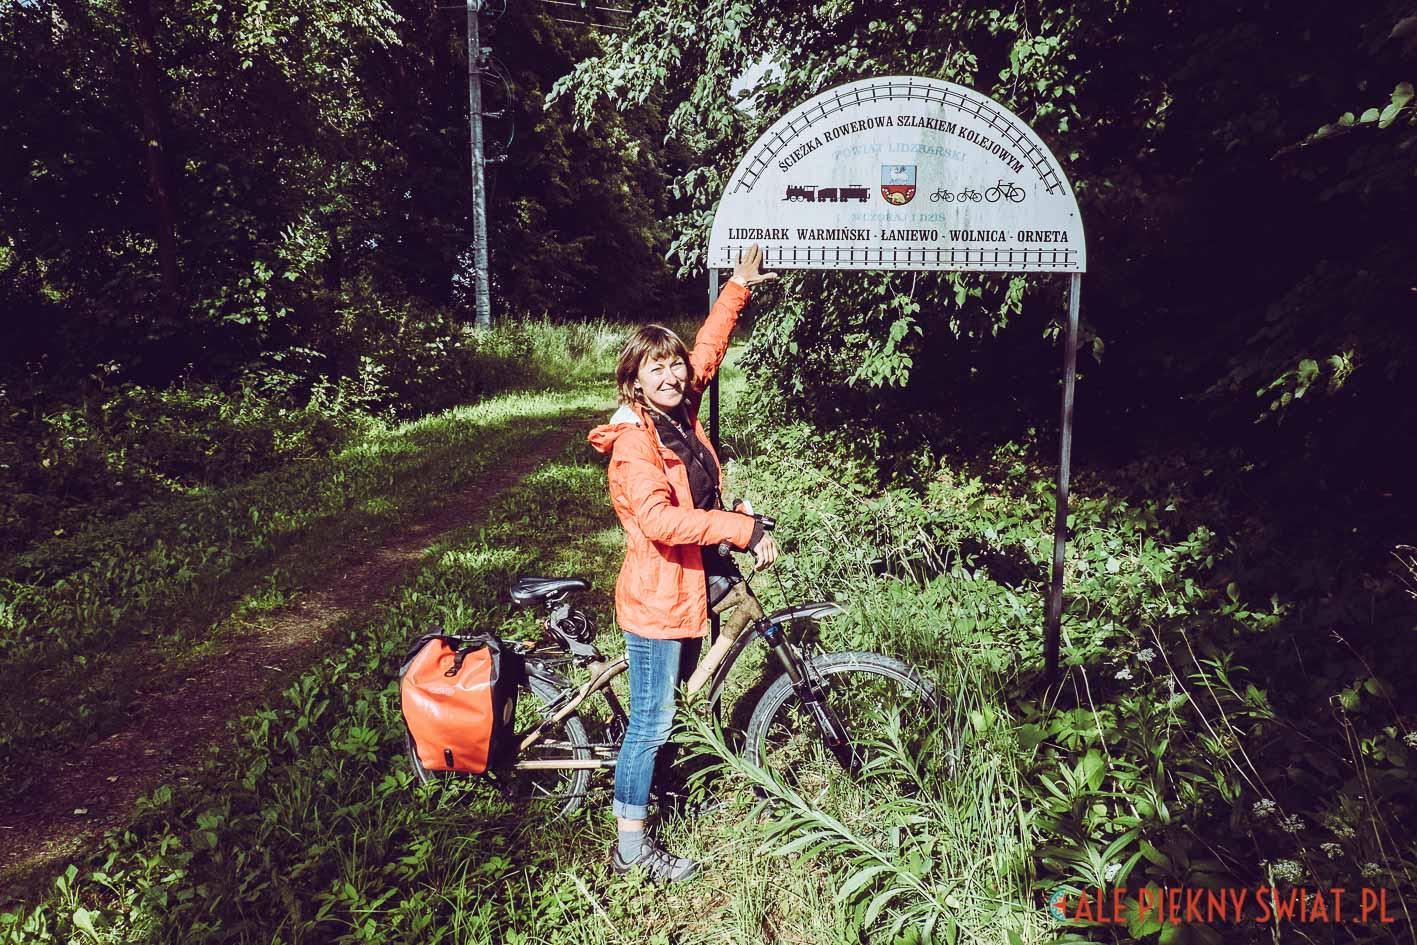 Początek kolejowego szlaku rowerowego w Ornecie. SZlak łączy Ornetę z Lidzbarkiem Warmińskim